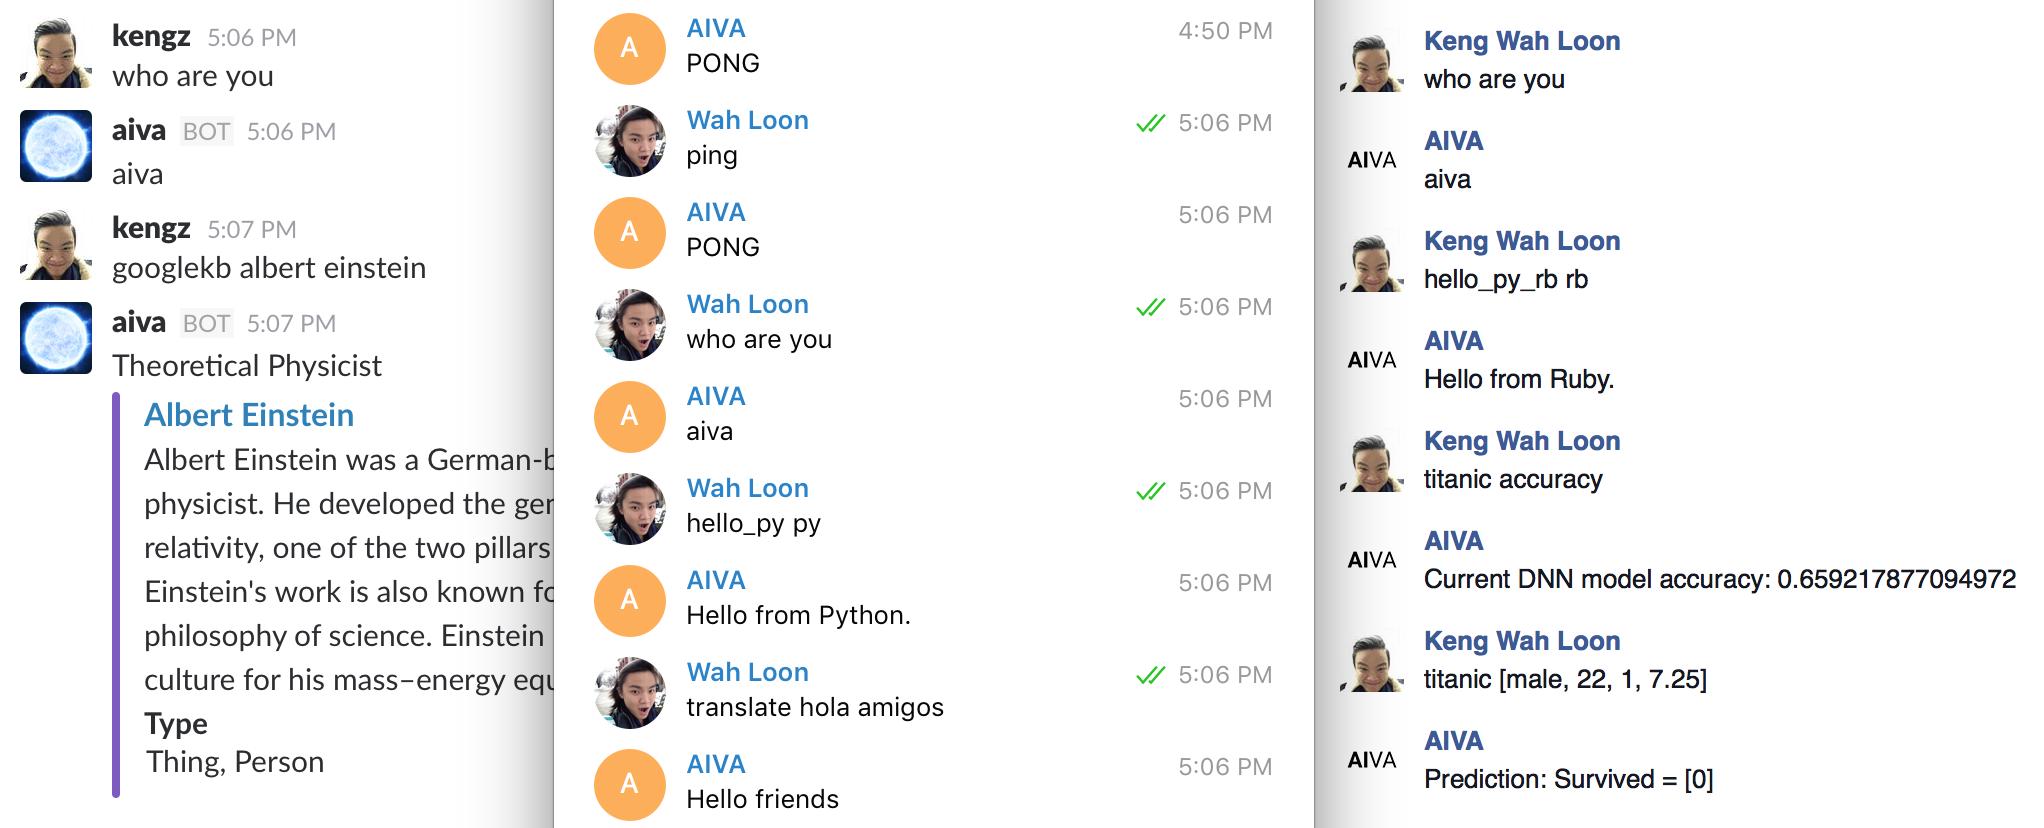 AIVA on Slack, Telegram